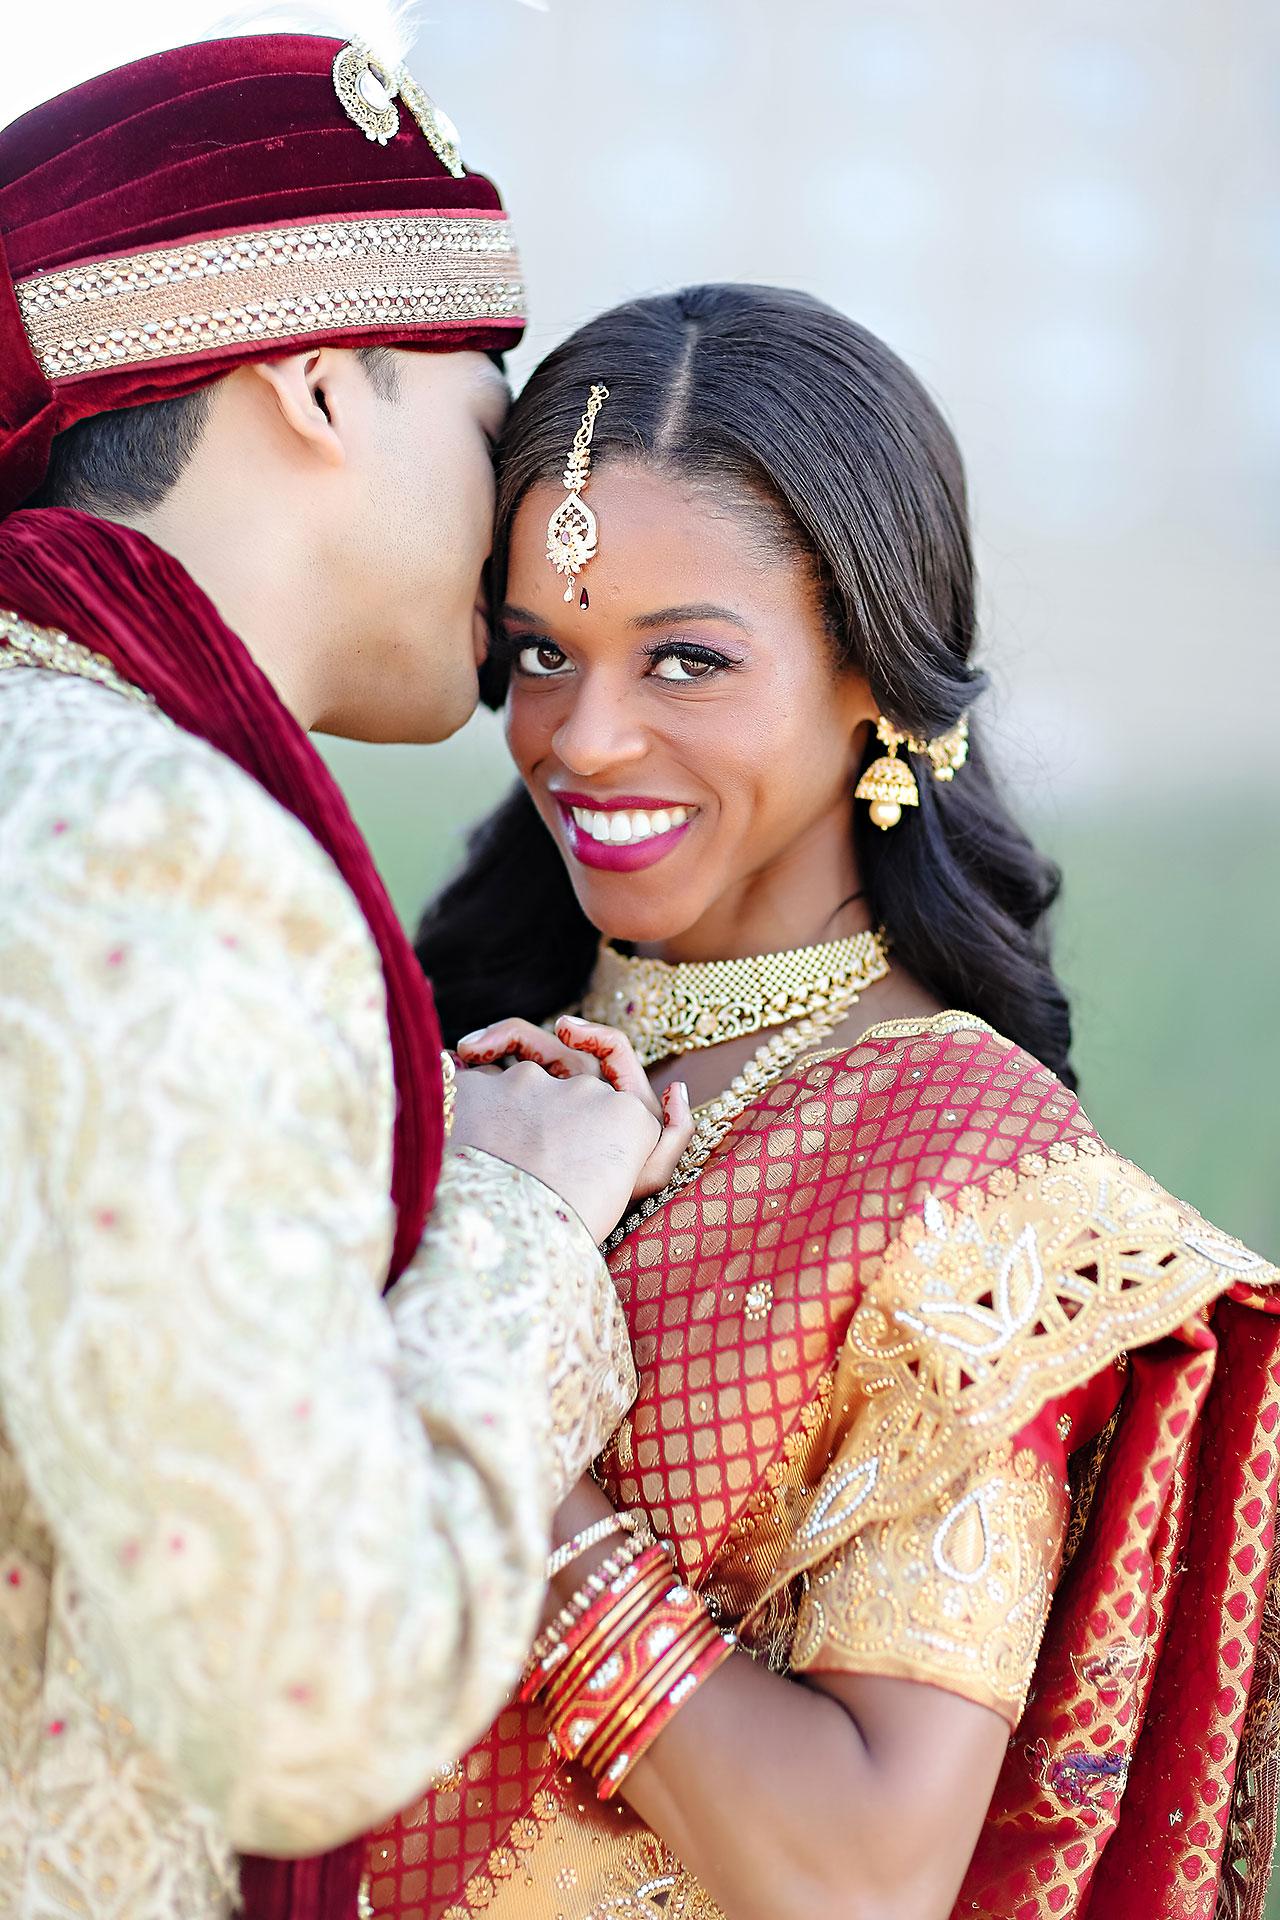 Joie Nikhil JW Marriott Indian Wedding 067